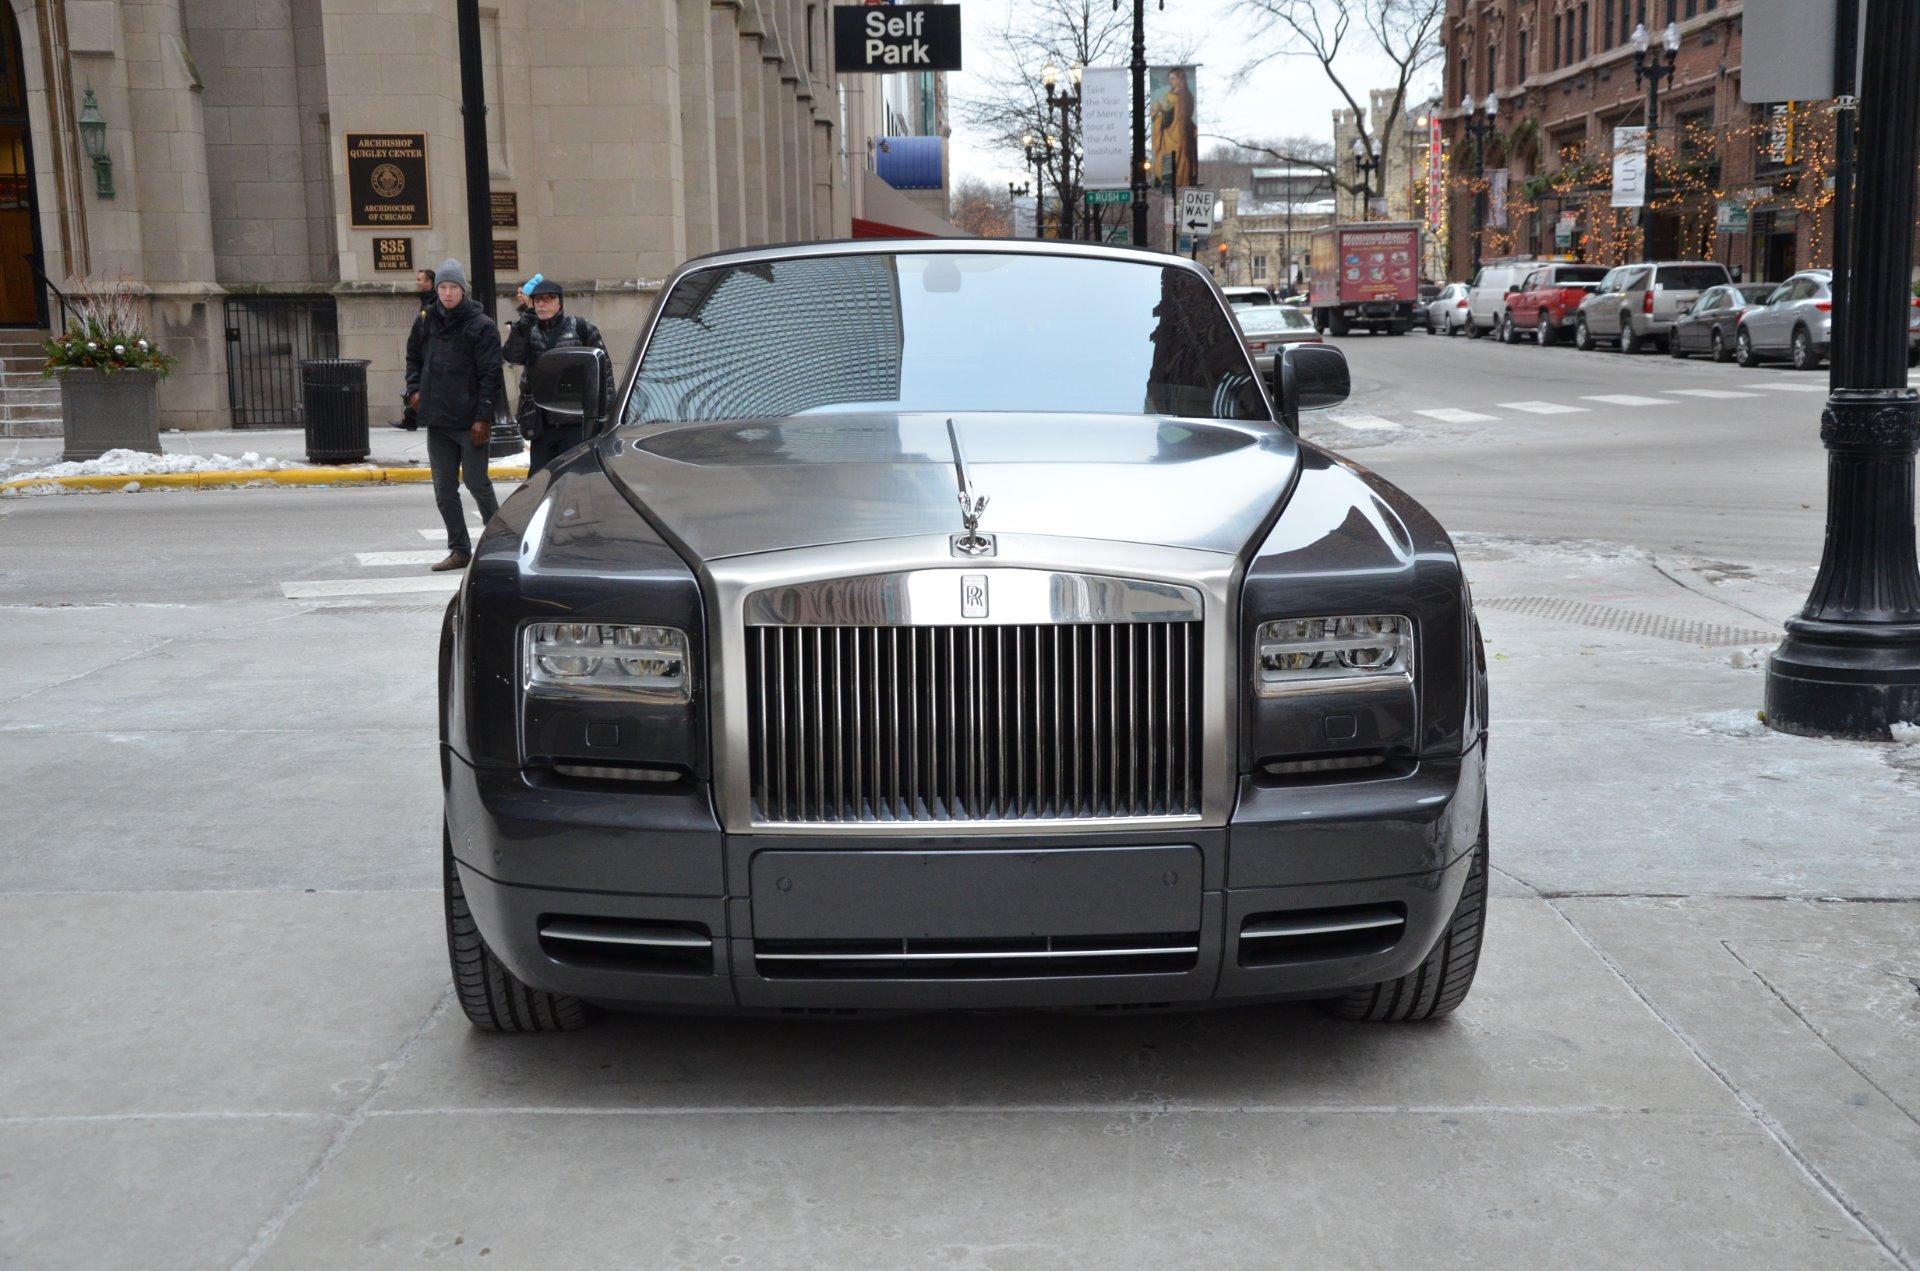 2013 rolls royce phantom drophead coupe stock gc2034 s - Rolls royce phantom drophead coupe for sale ...